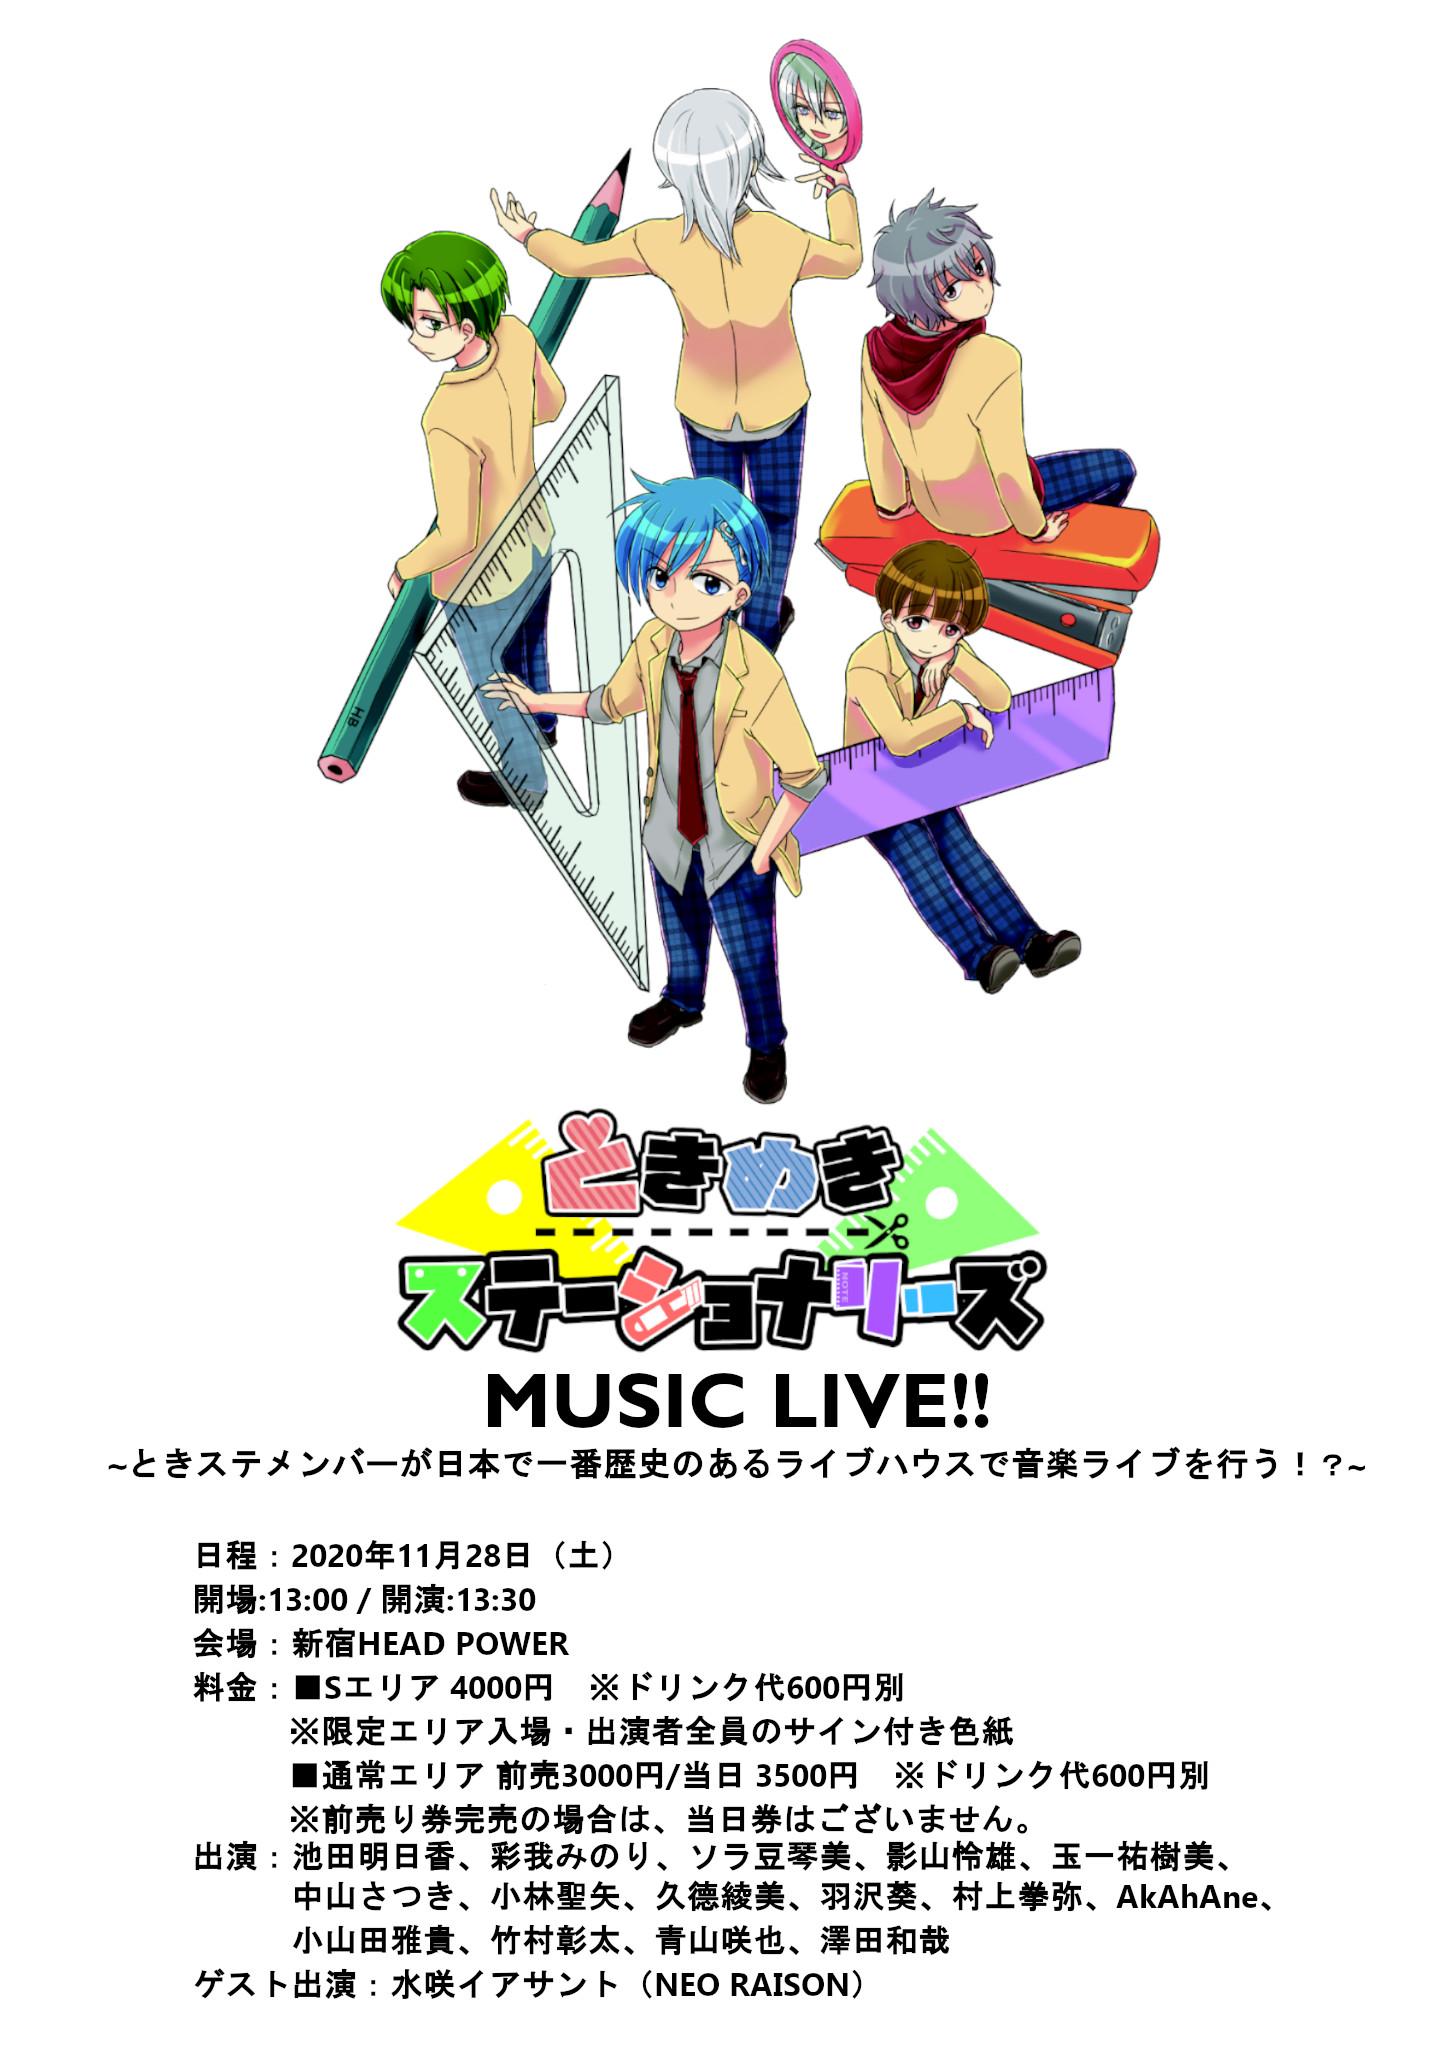 ときめきステーショナリーズMUSIC LIVE!!